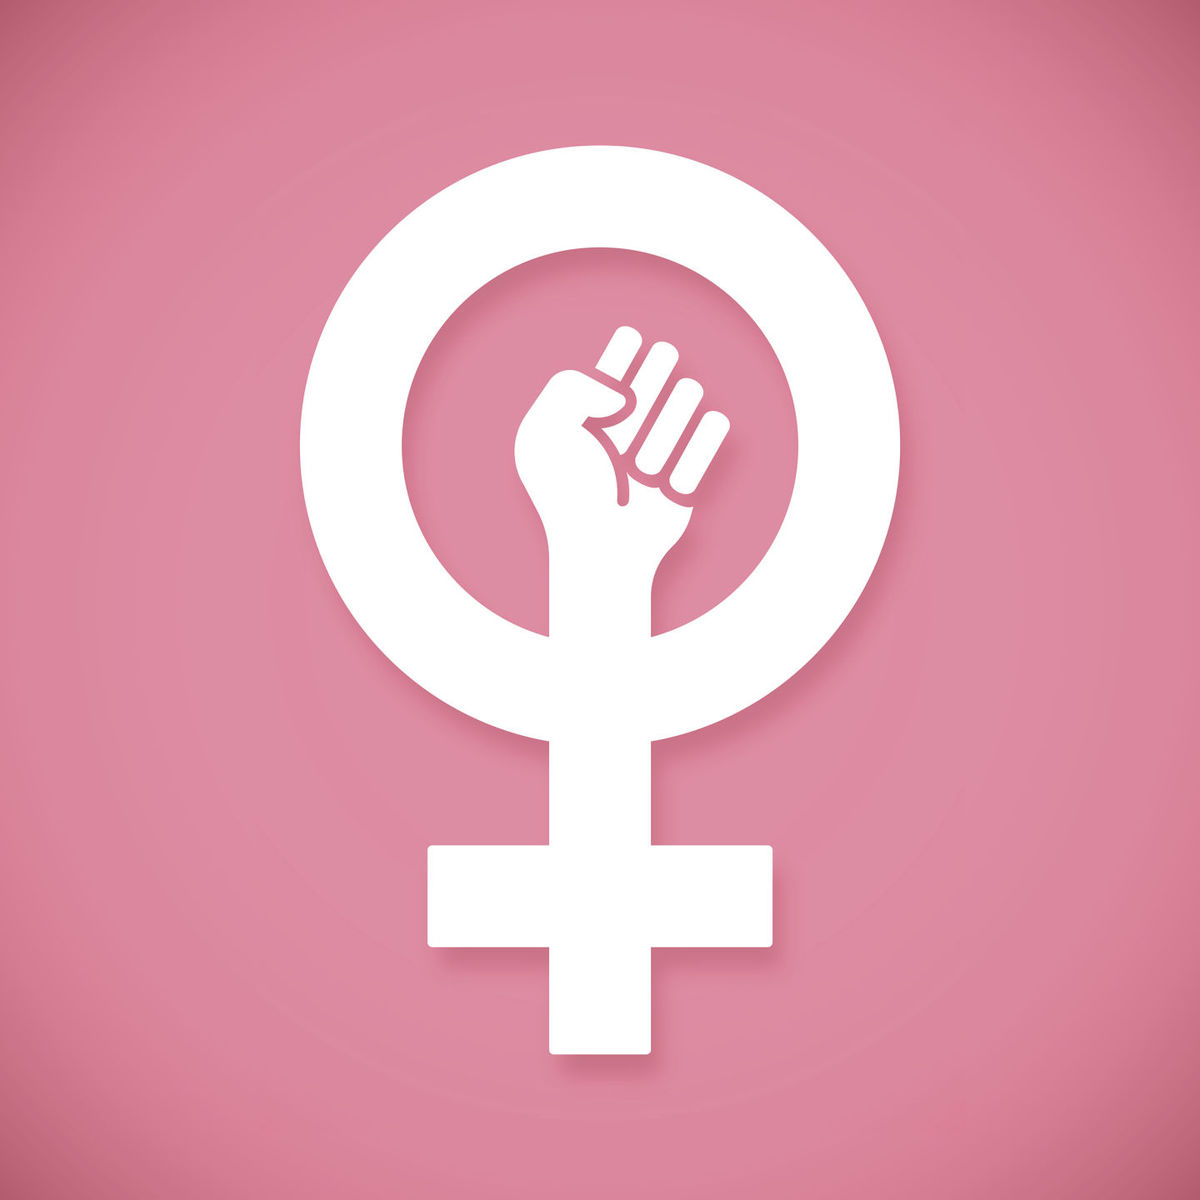 https://klkranes.com/2018/01/26/the-book-that-made-me-a-feminist/